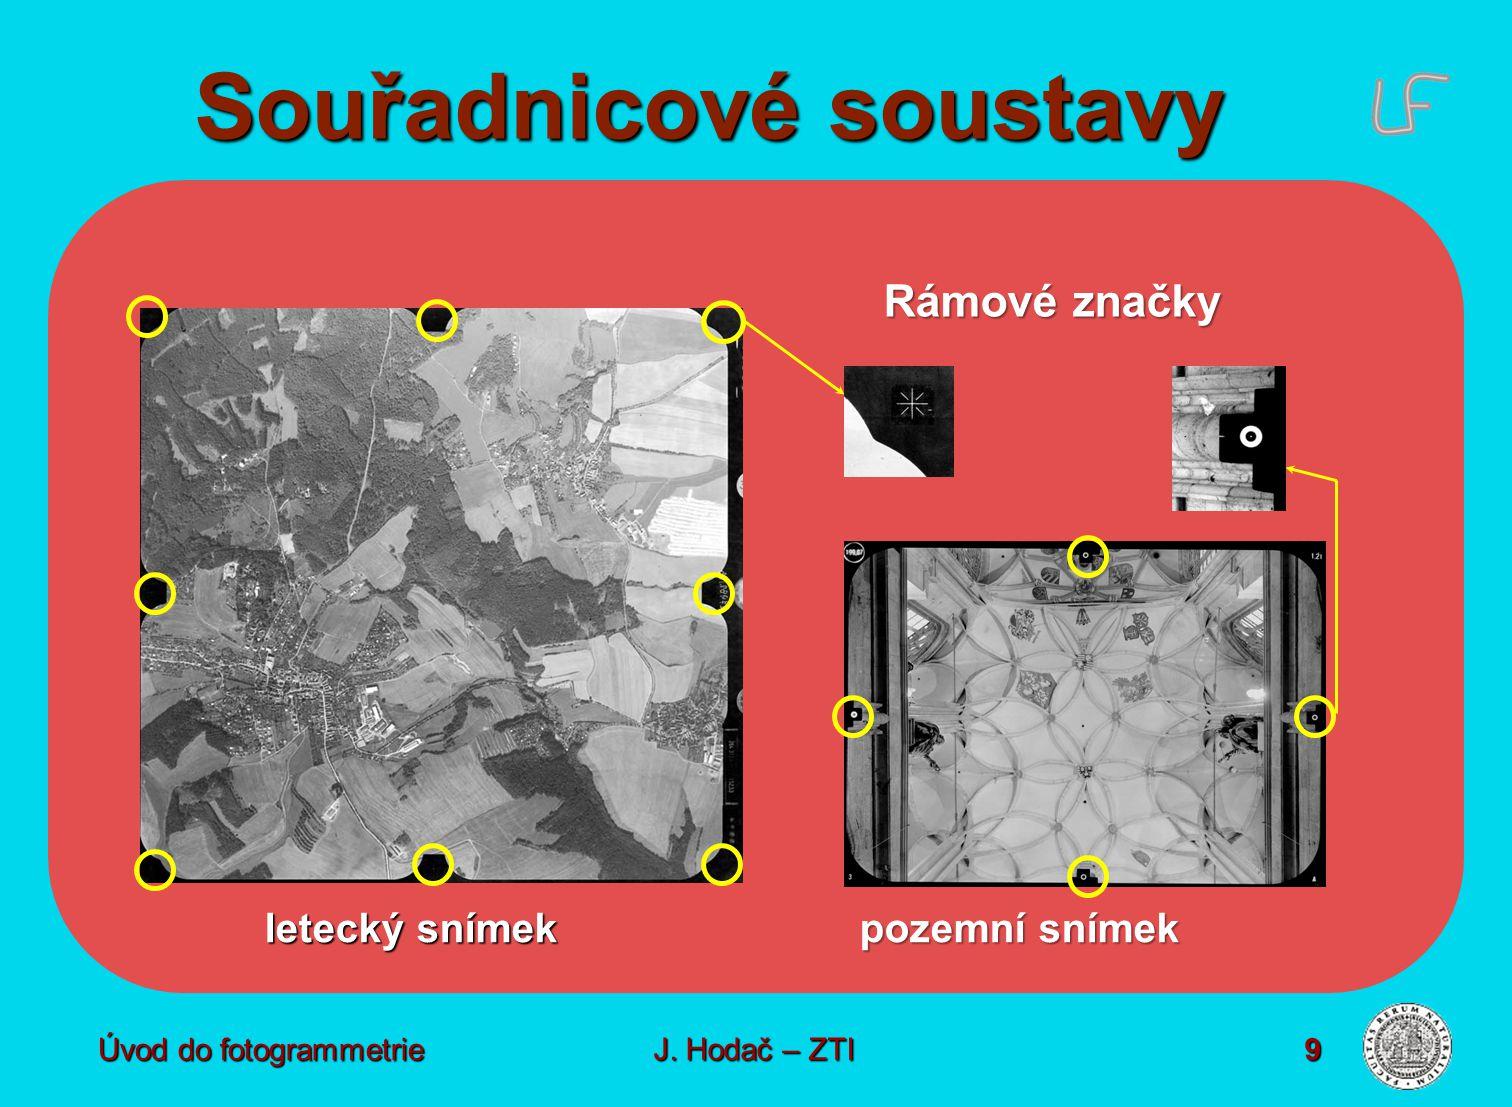 Souřadnicové soustavy Úvod do fotogrammetrie J. Hodač – ZTI 9 letecký snímek pozemní snímek Rámové značky